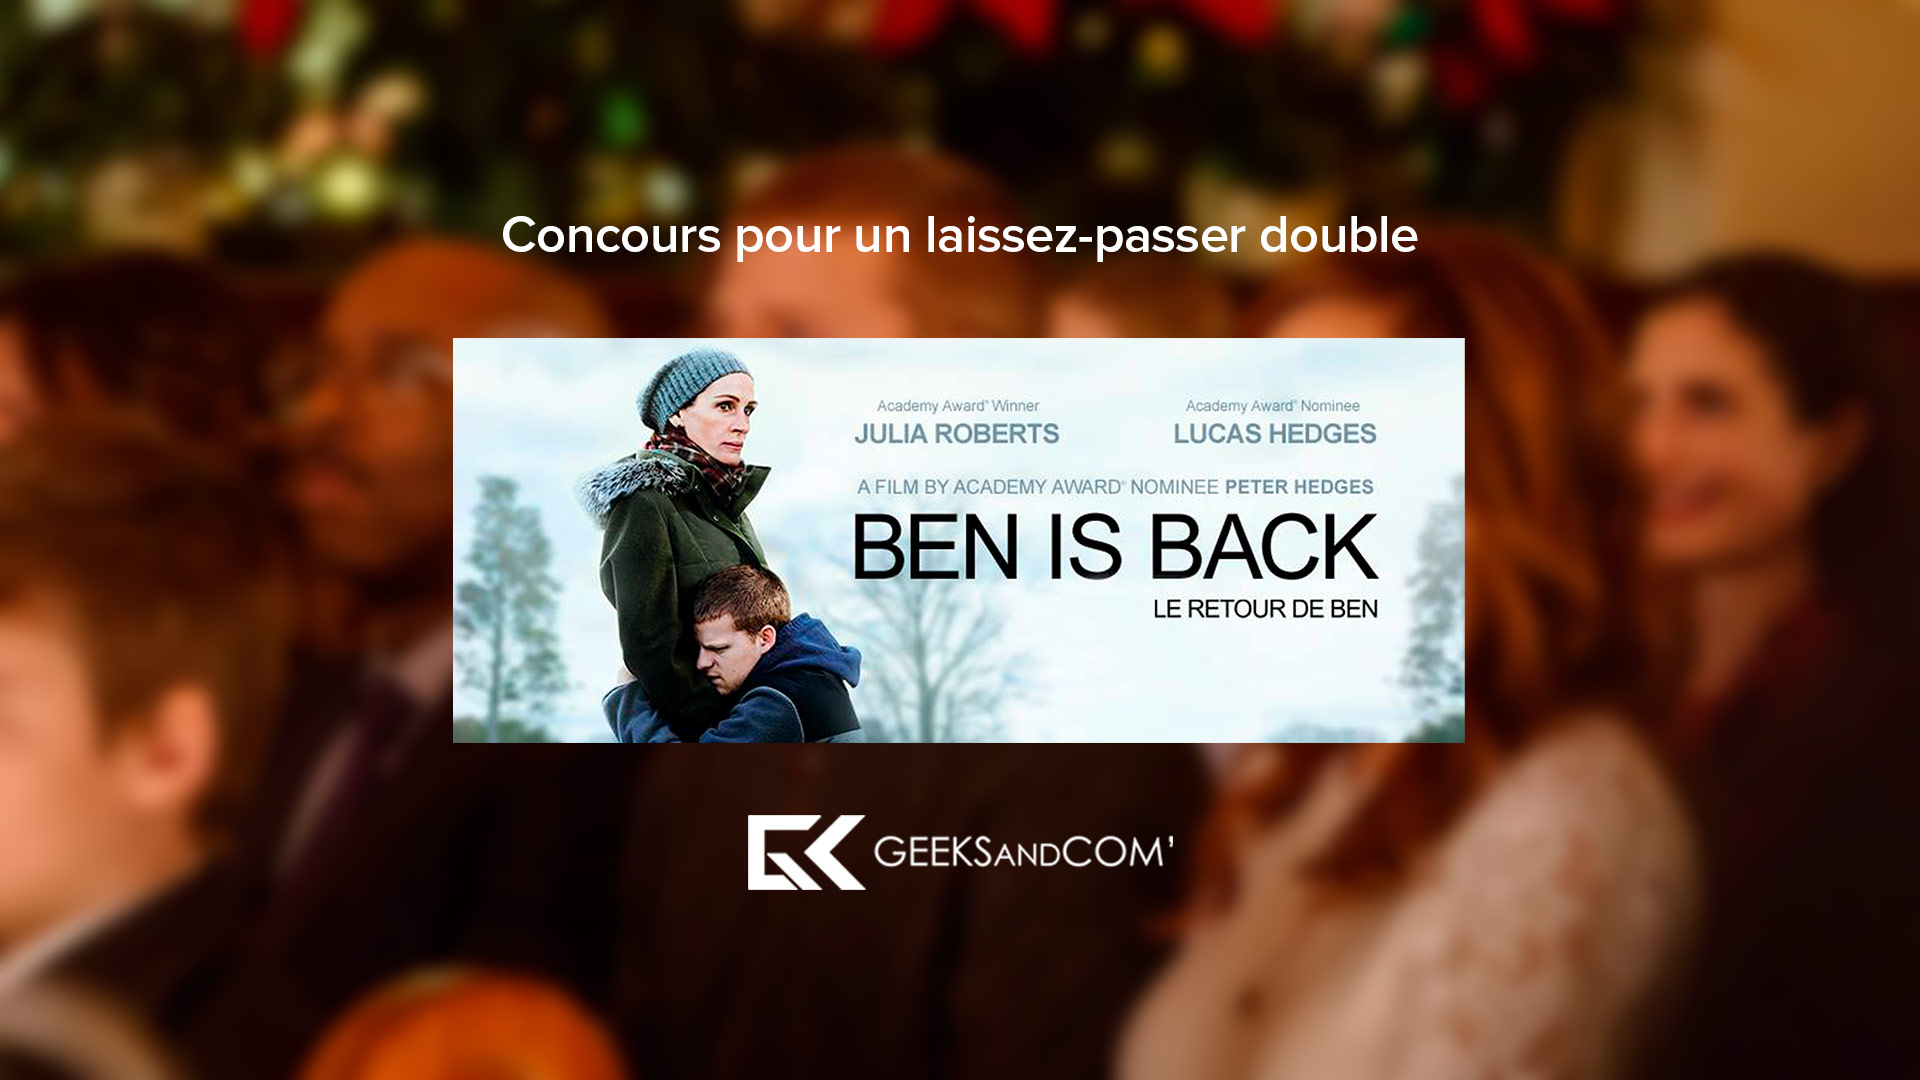 [Québec] Concours pour voir le film BEN IS BACK